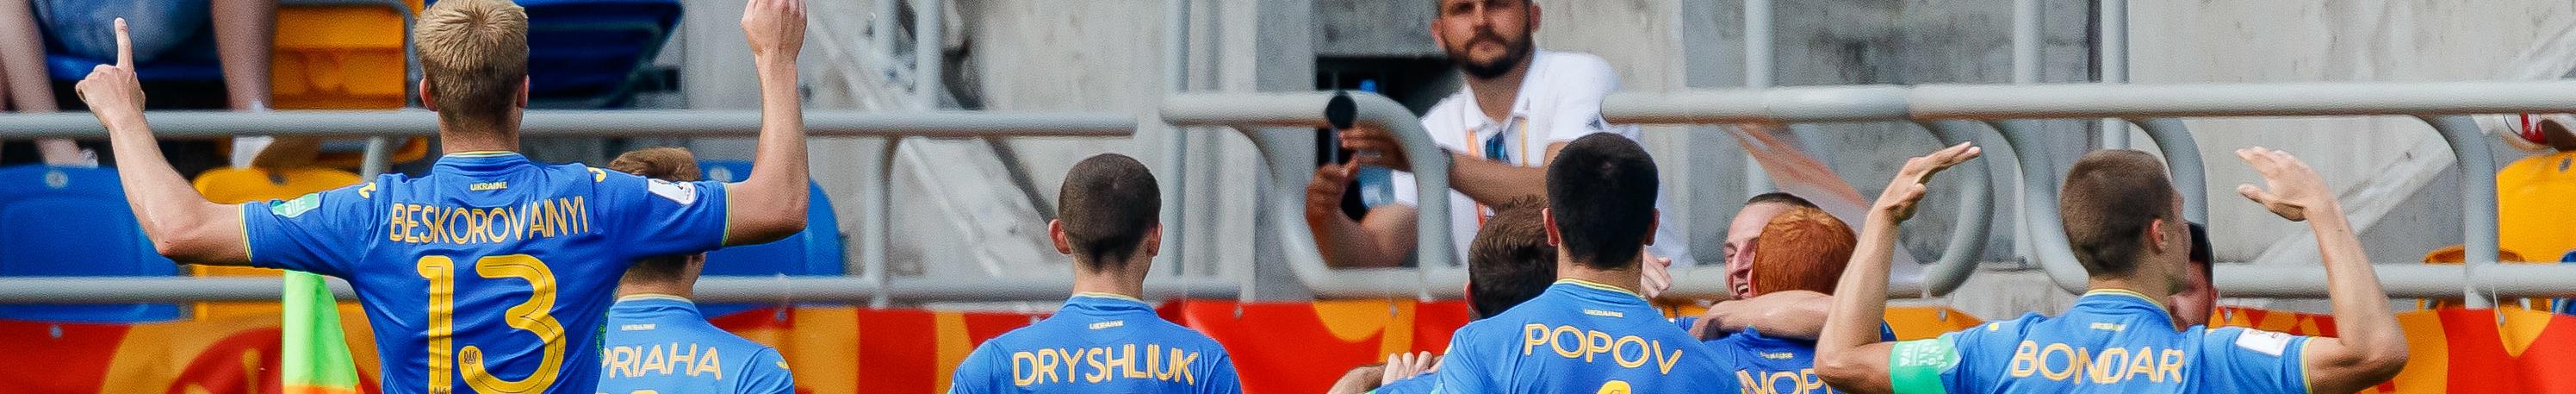 Ucraina-Corea del Sud U20, la finale dei (nostri) rimpianti